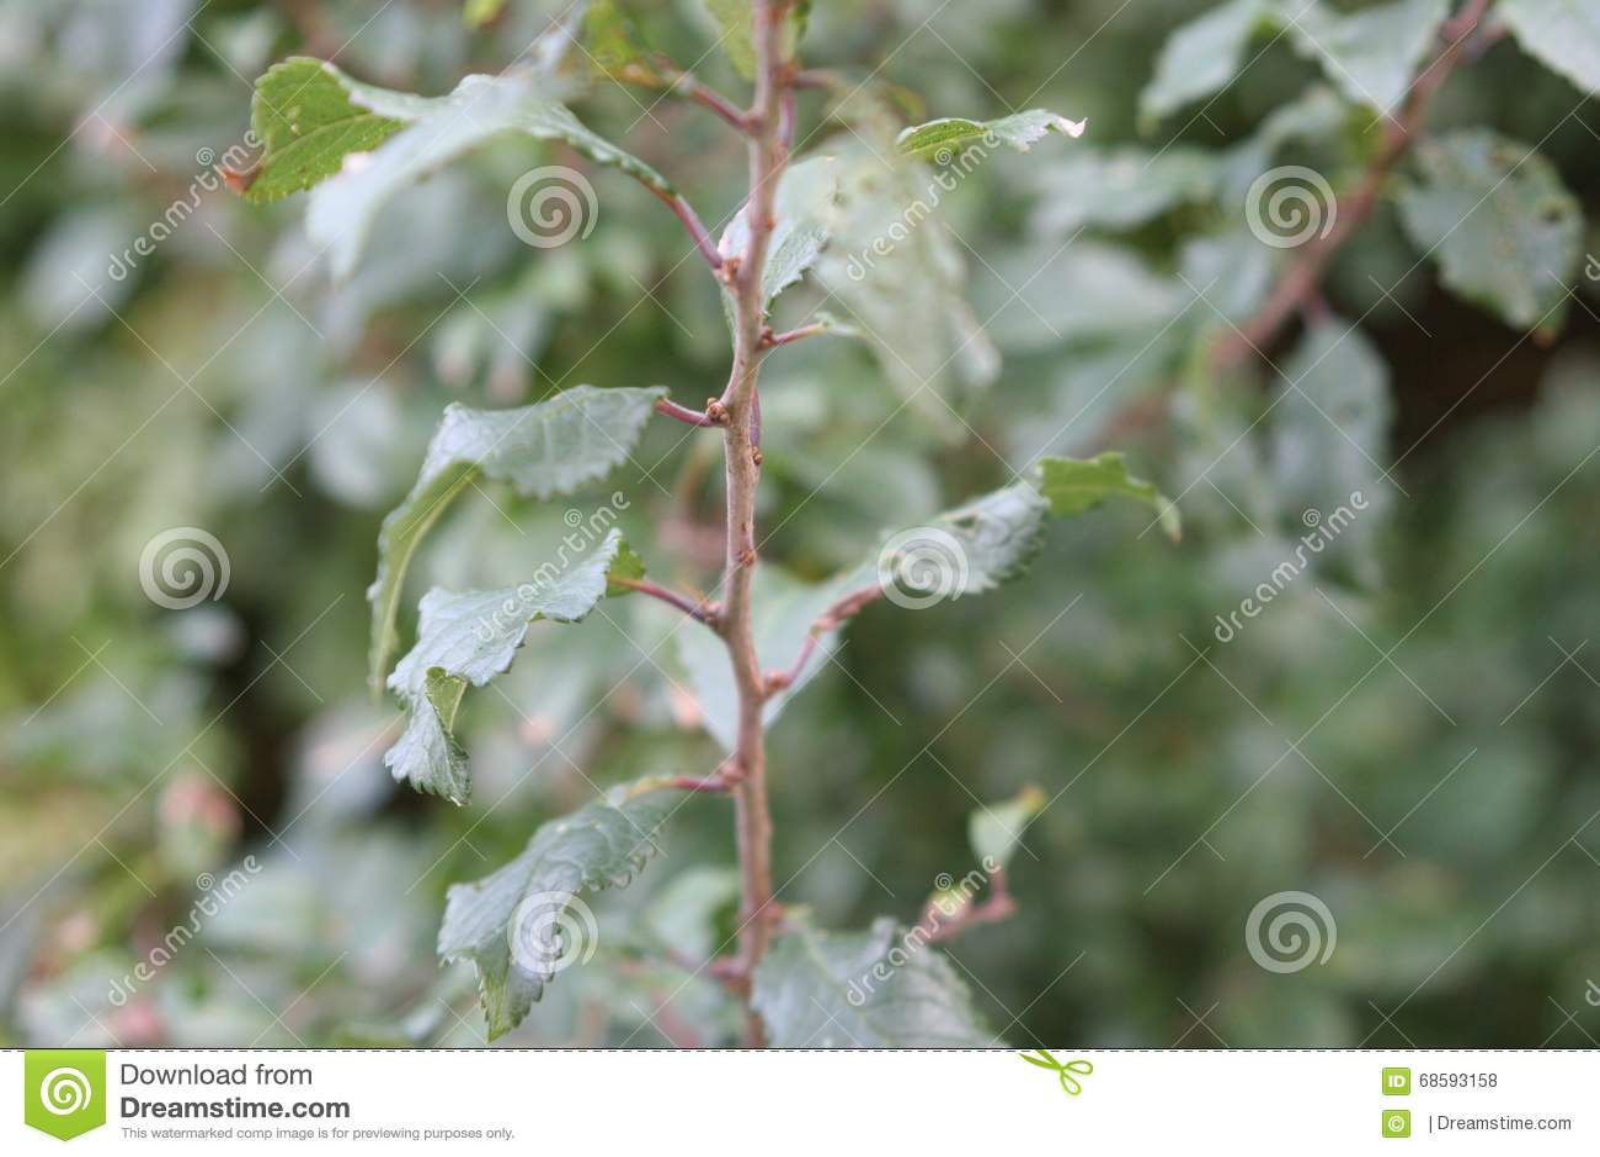 Hojas en una rama de una planta